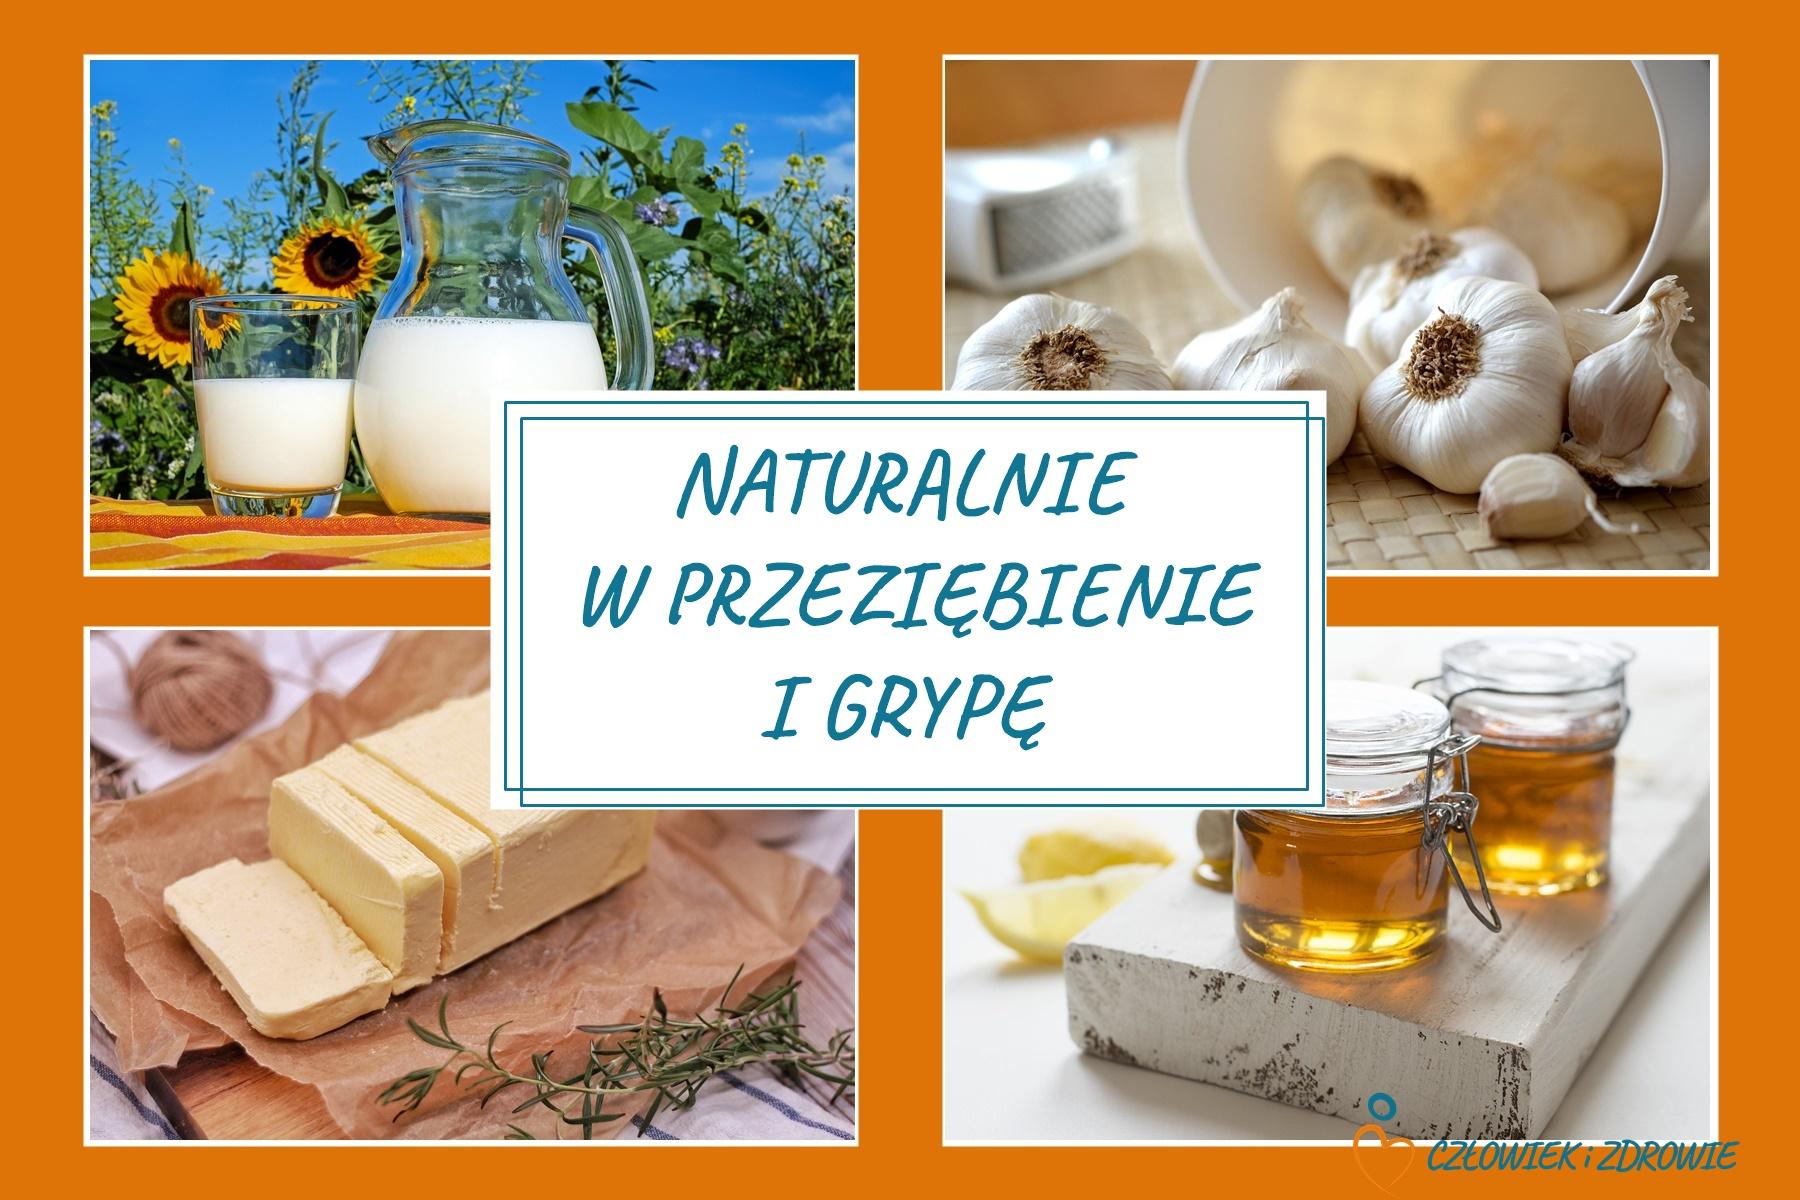 mleko, czosnek, masło i miód - mikstura na grypę